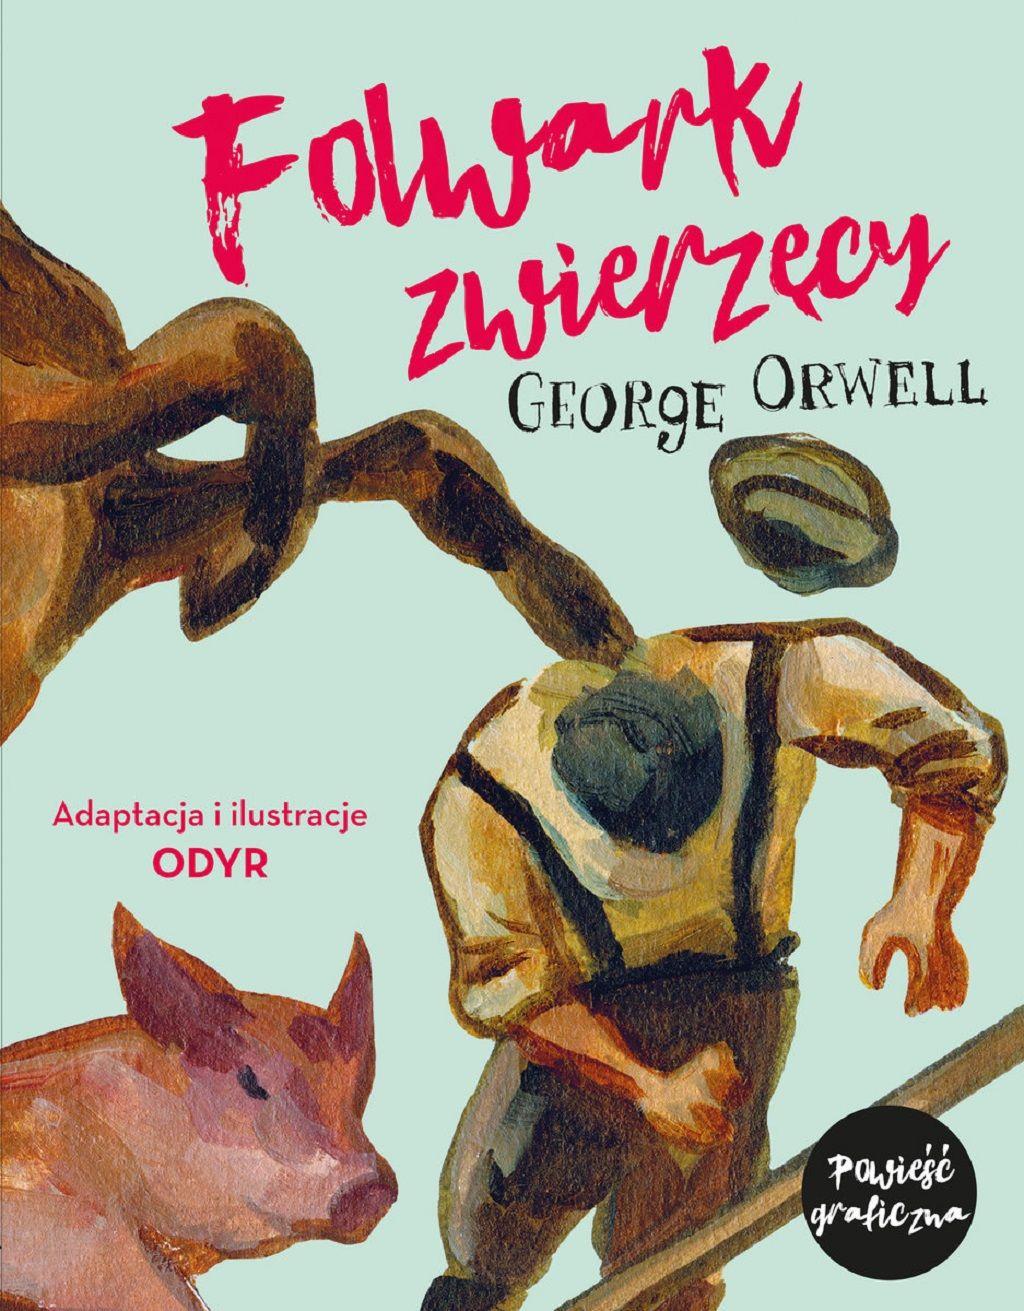 George Orwell – Folwark zwierzęcy